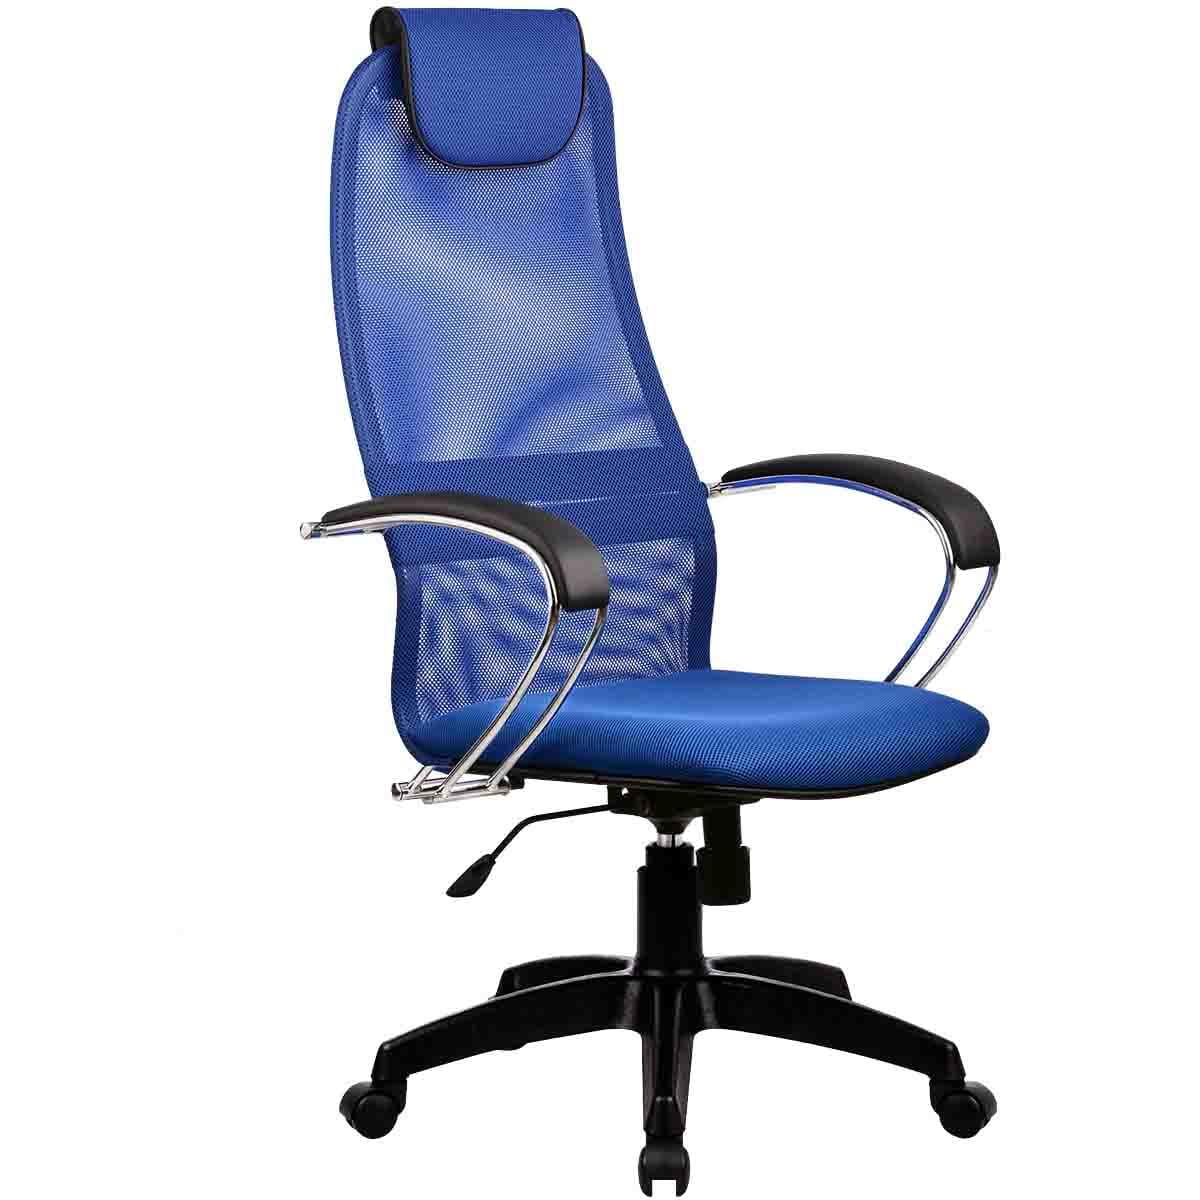 Фото - Офисное кресло Metta BK-8 Ткань и эко-кожа Синий Черный имидж мастер парикмахерское кресло версаль гидравлика пятилучье хром 49 цветов небесный 4